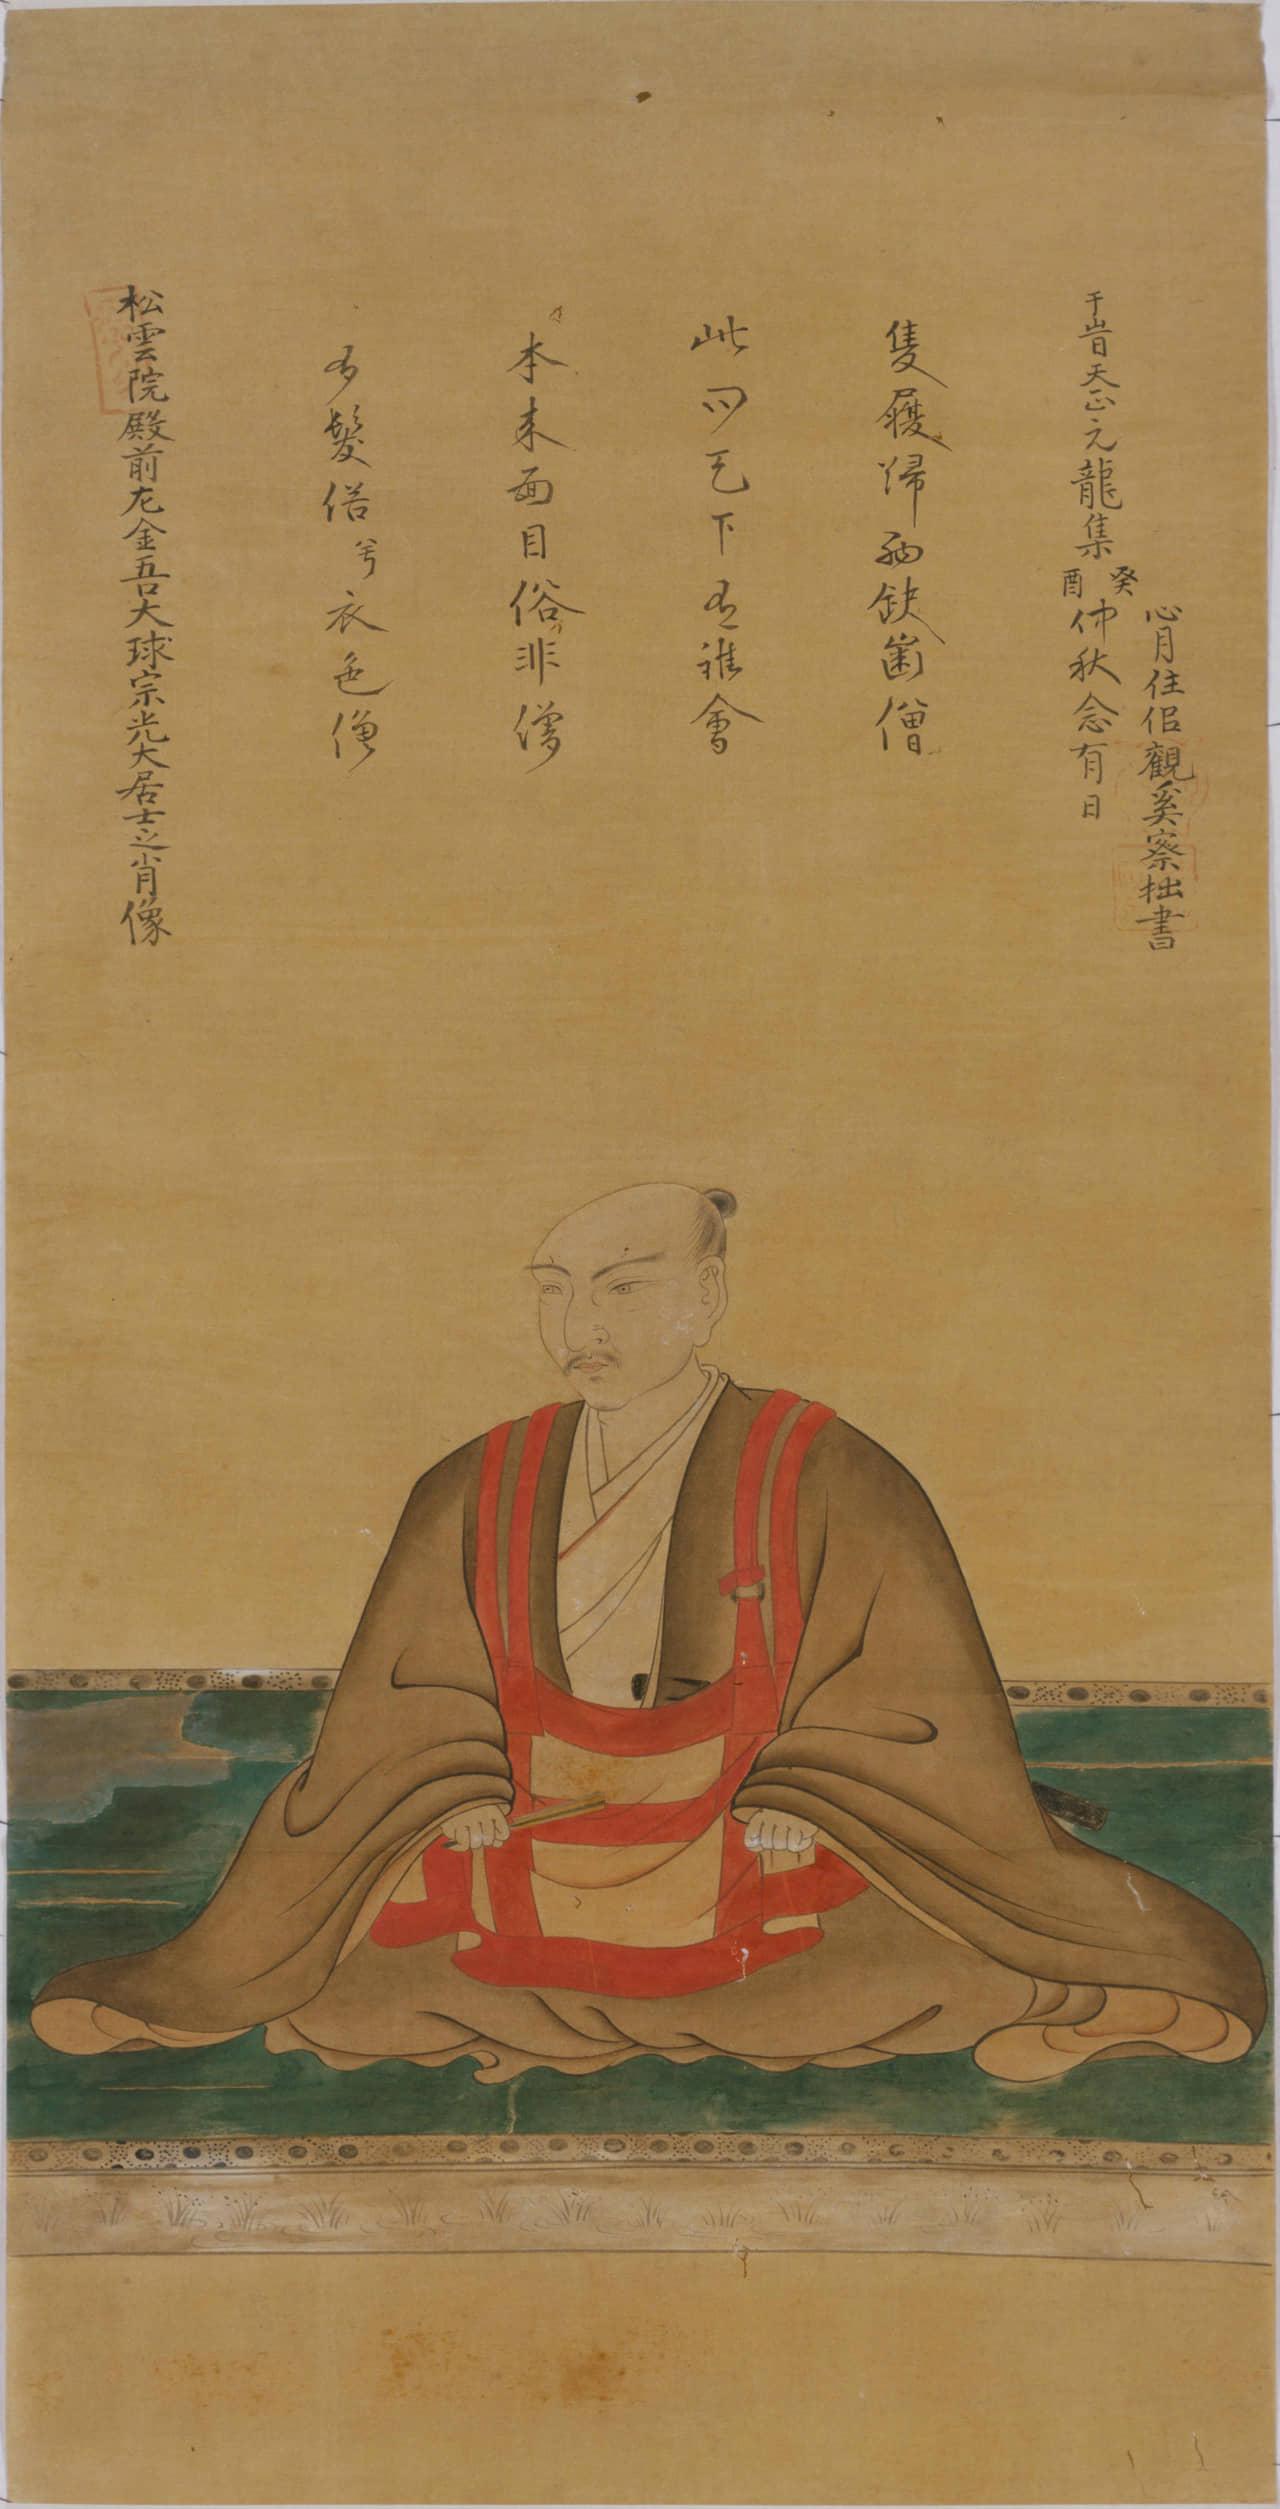 小谷城攻め1570〜73年<その3>~上洛途上の信玄が病没、巻き返しの好機を失う浅井・朝倉勢